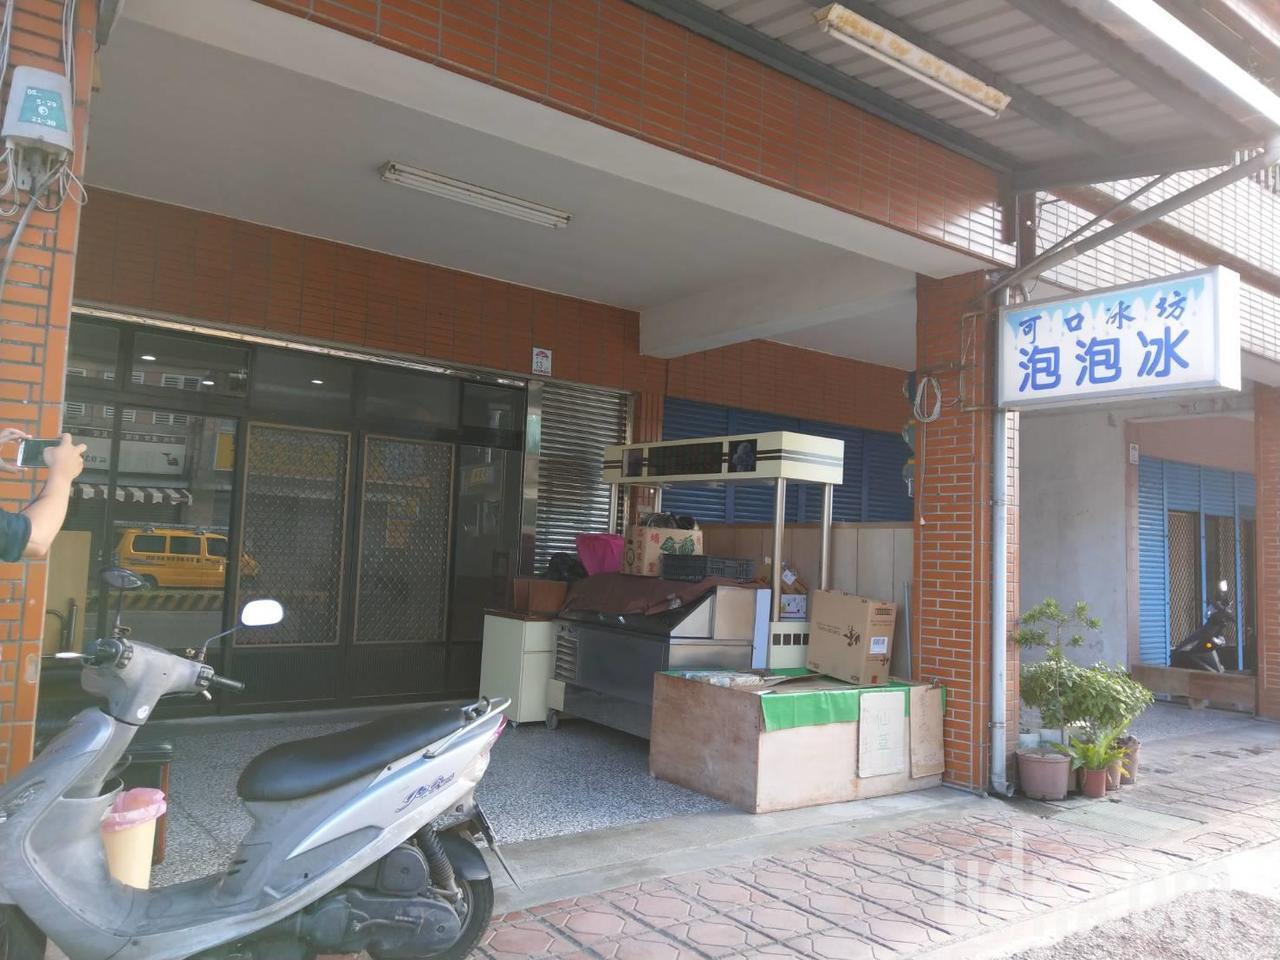 宜蘭市發生逆子弒母案的冰店。 記者戴永華/攝影